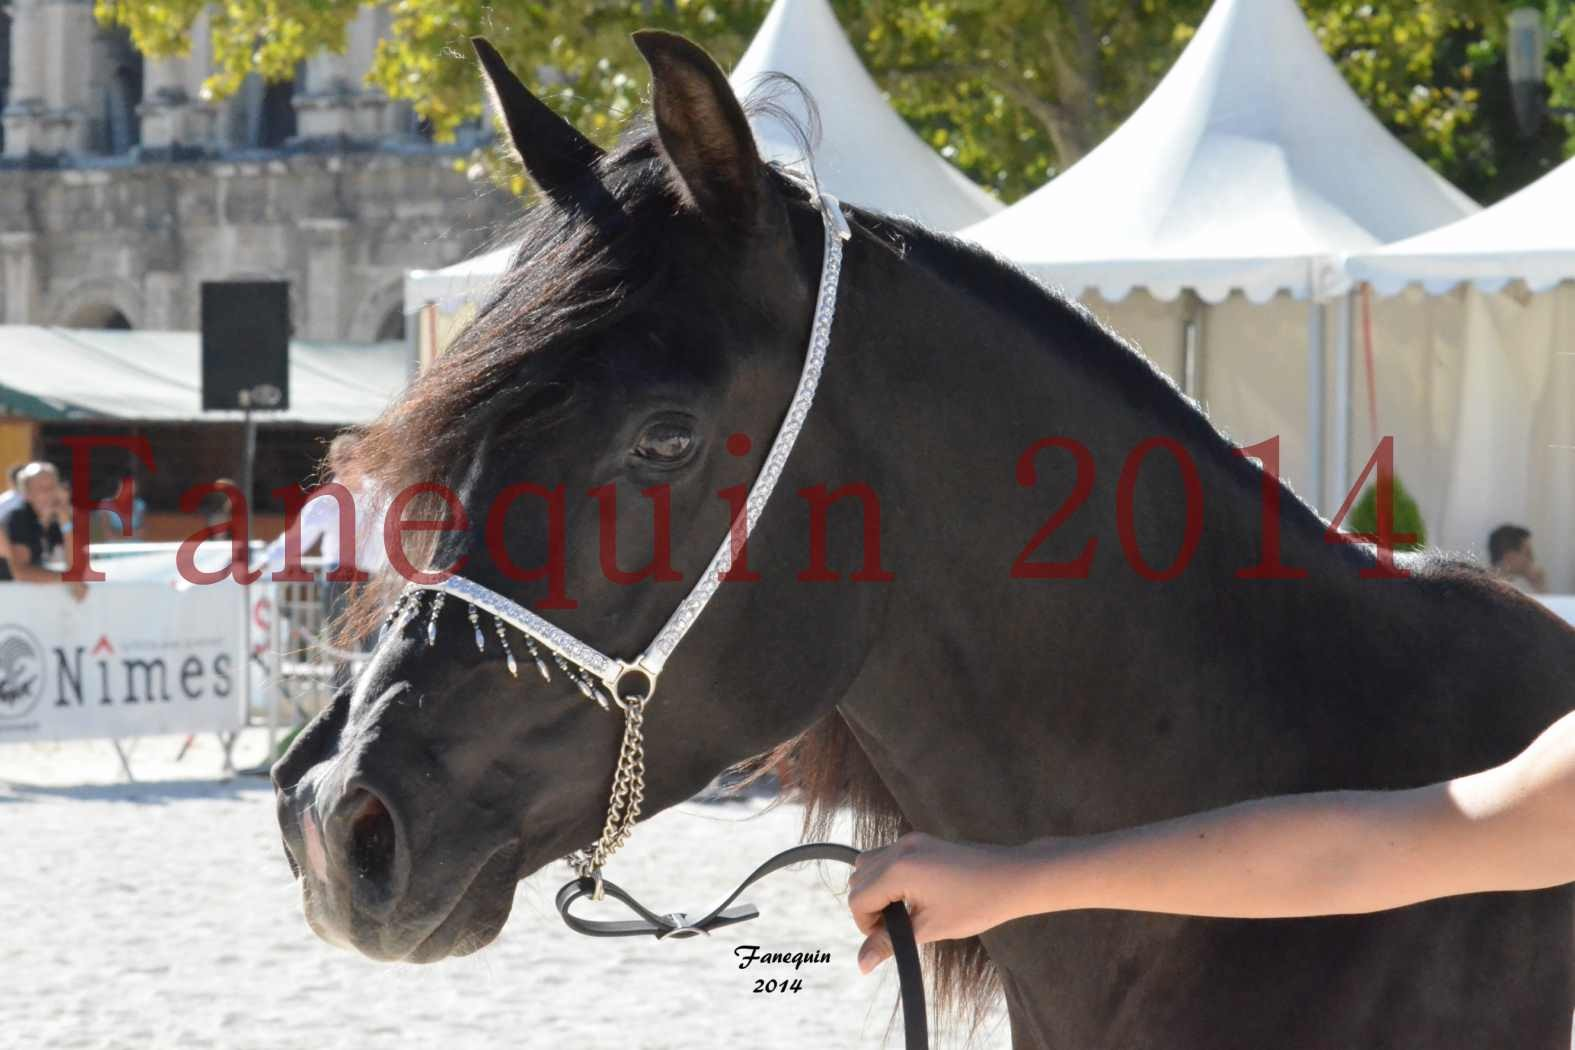 Concours National de Nîmes de chevaux ARABES 2014 - Notre Sélection - Portraits - BALTYK DE CHAUMONT - 7